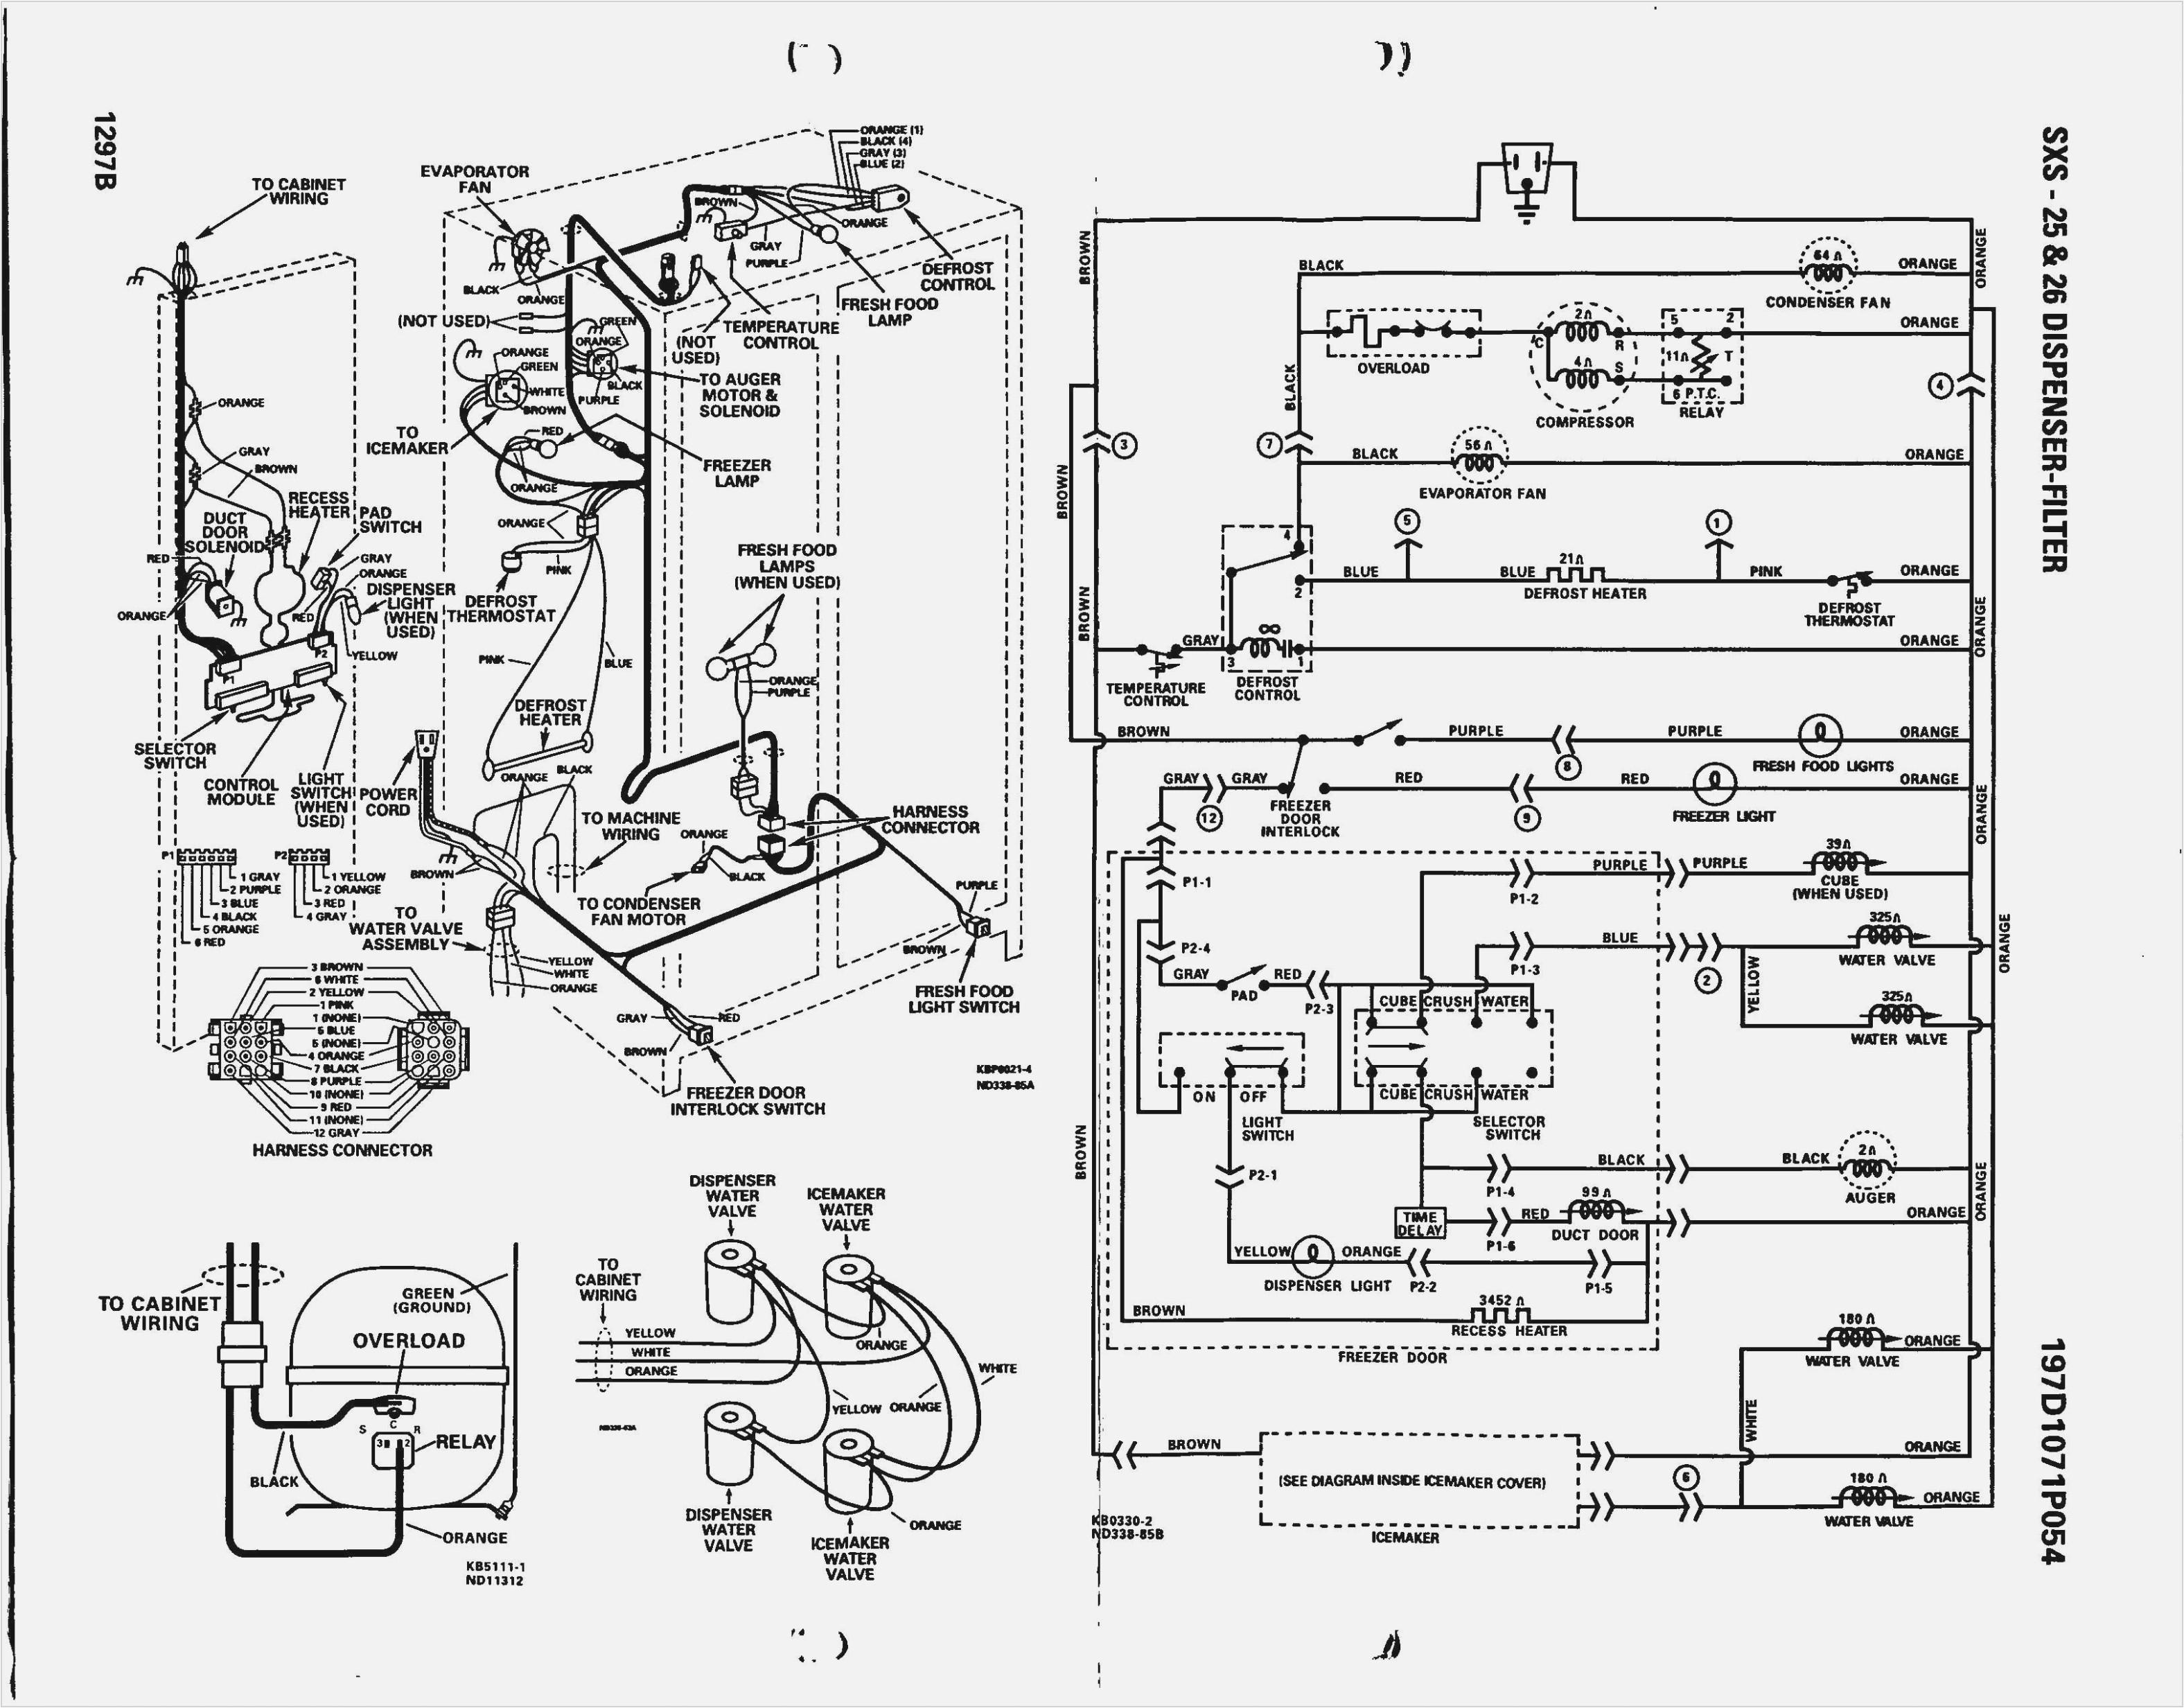 wiring samsung schematic smm pircam advance wiring diagramwiring samsung schematic smm pircam wiring diagram user monitor